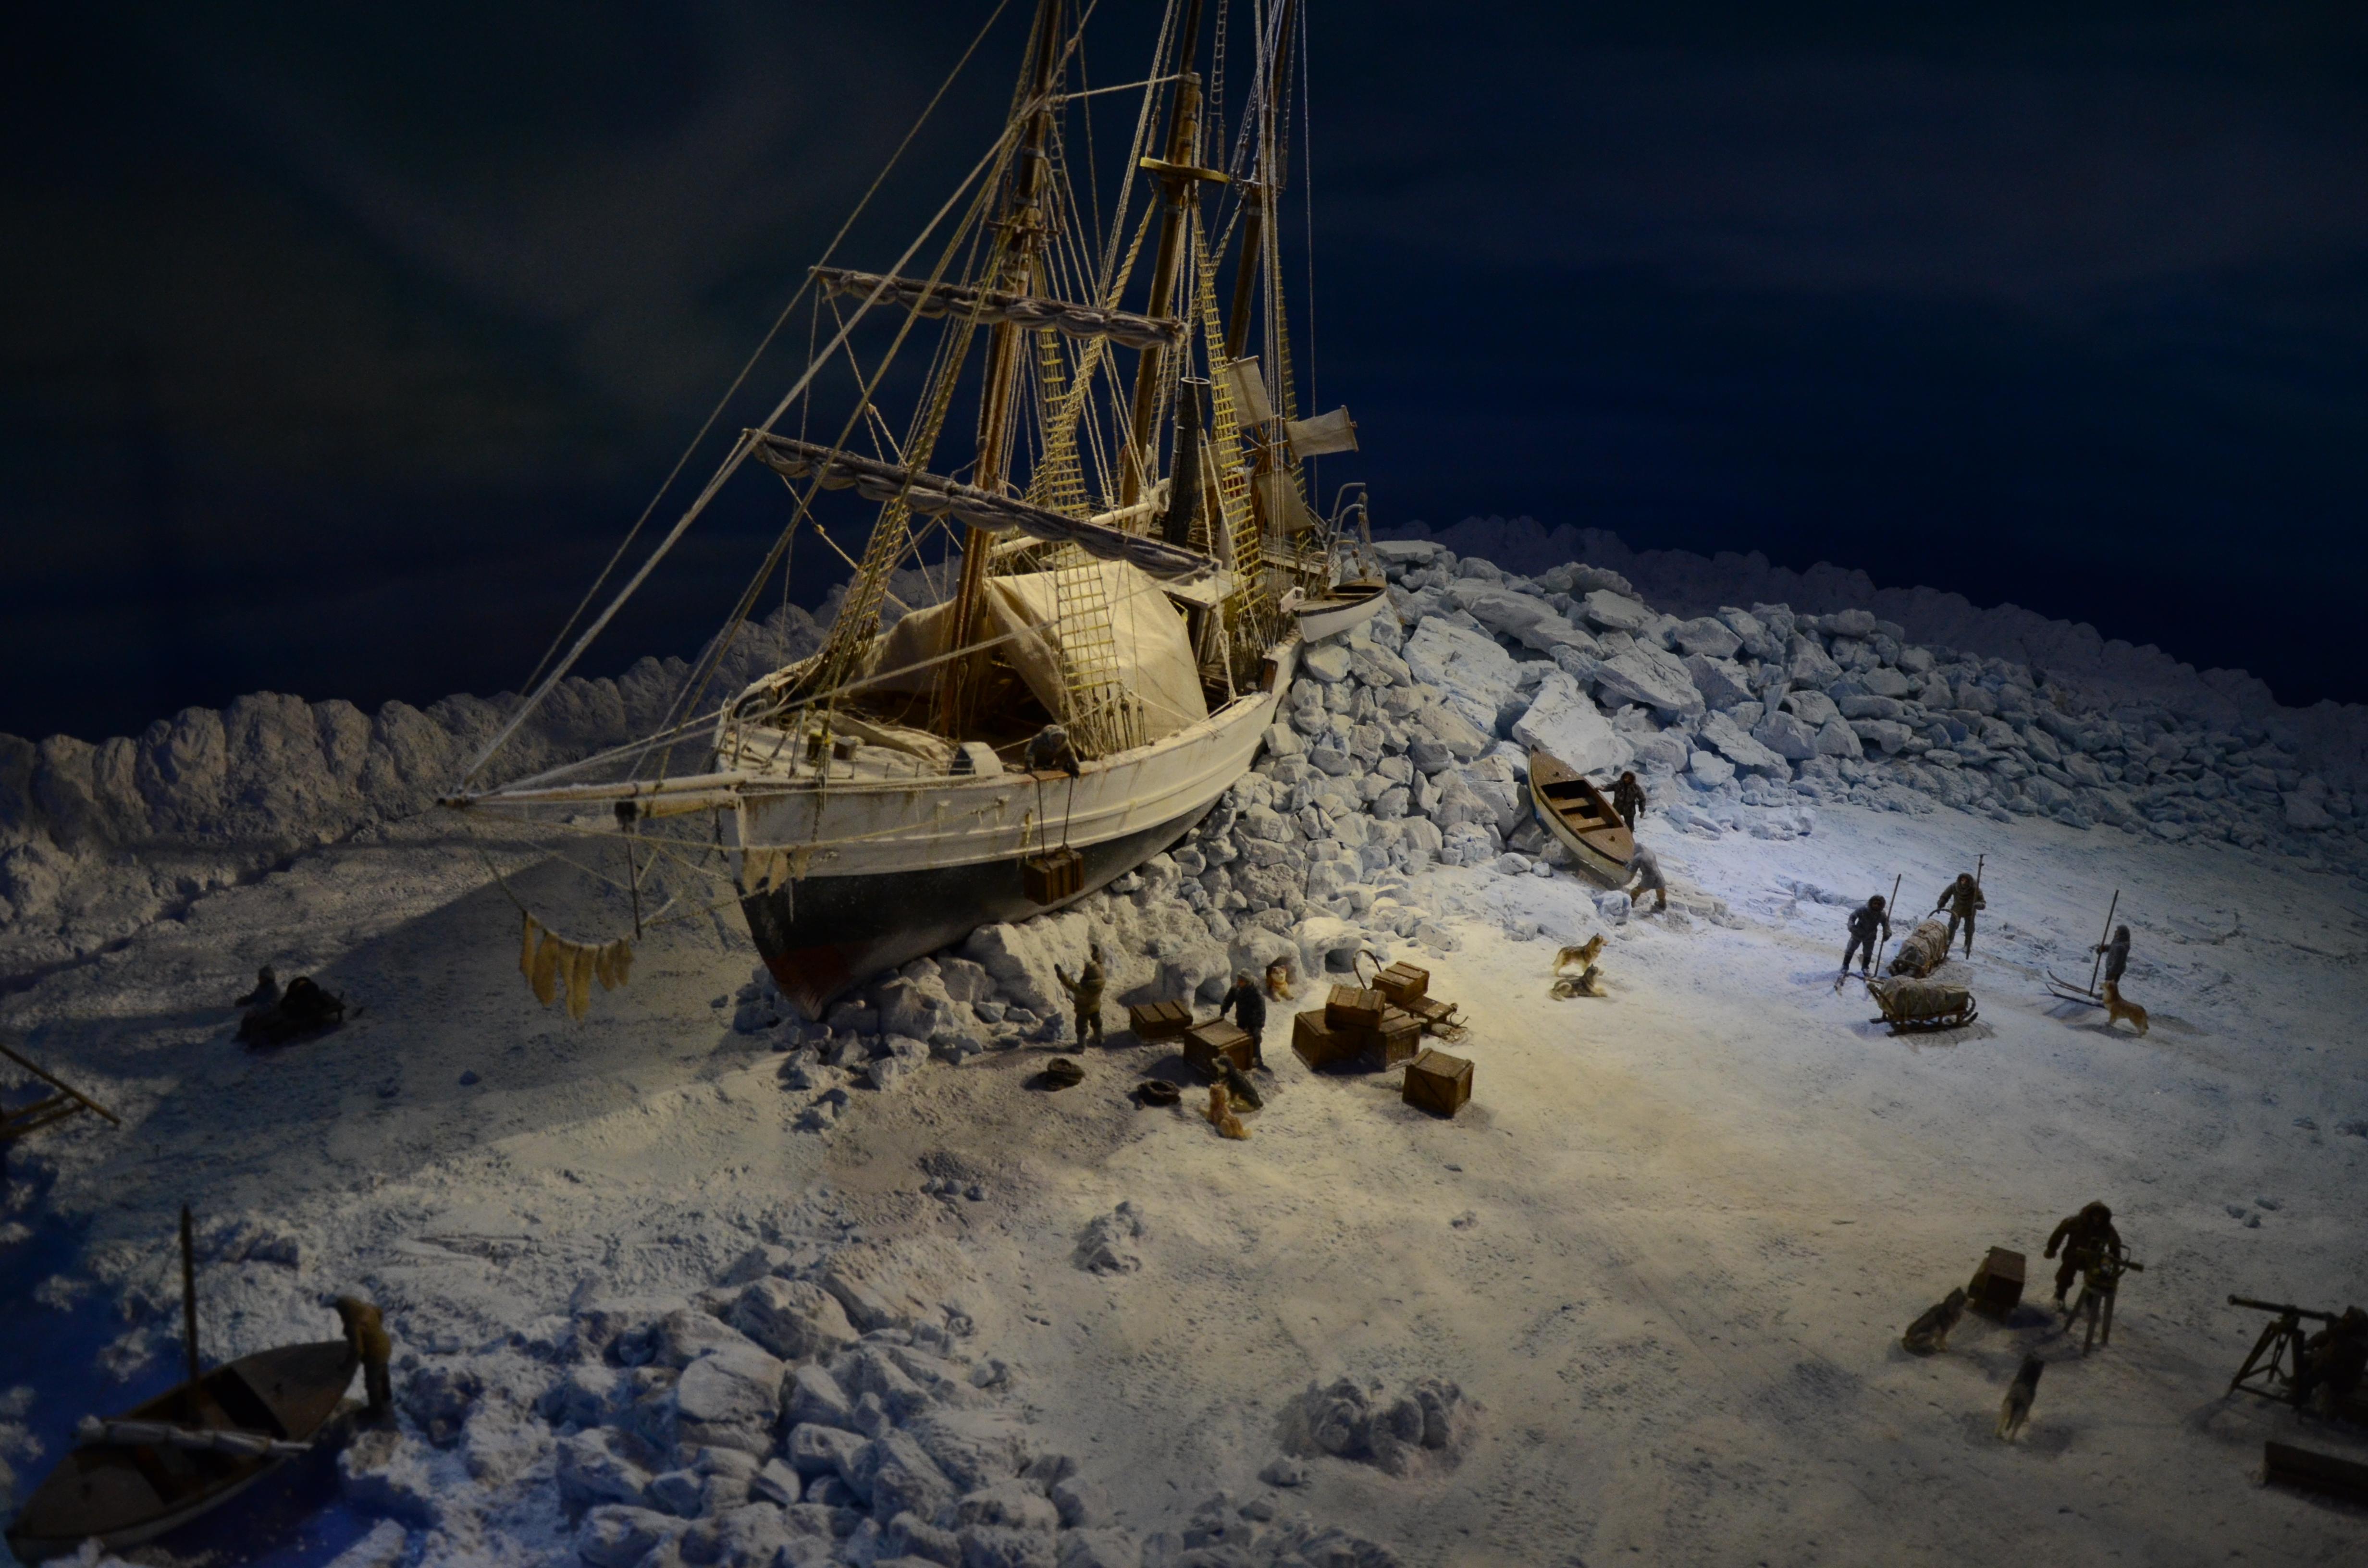 Maquette du Fram prix dans la glace